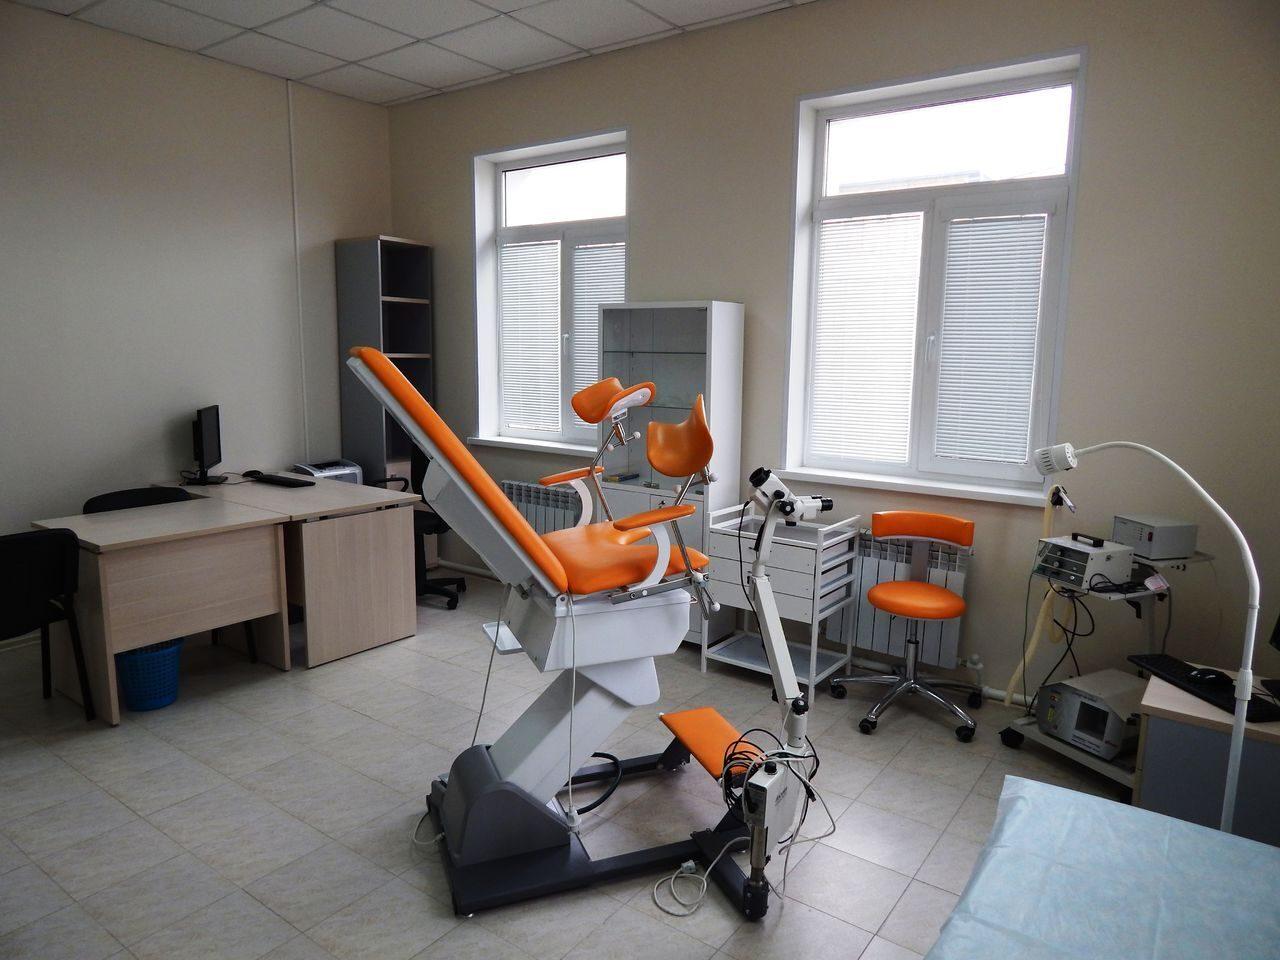 Просмотр в кабинете гинеколога 17 фотография